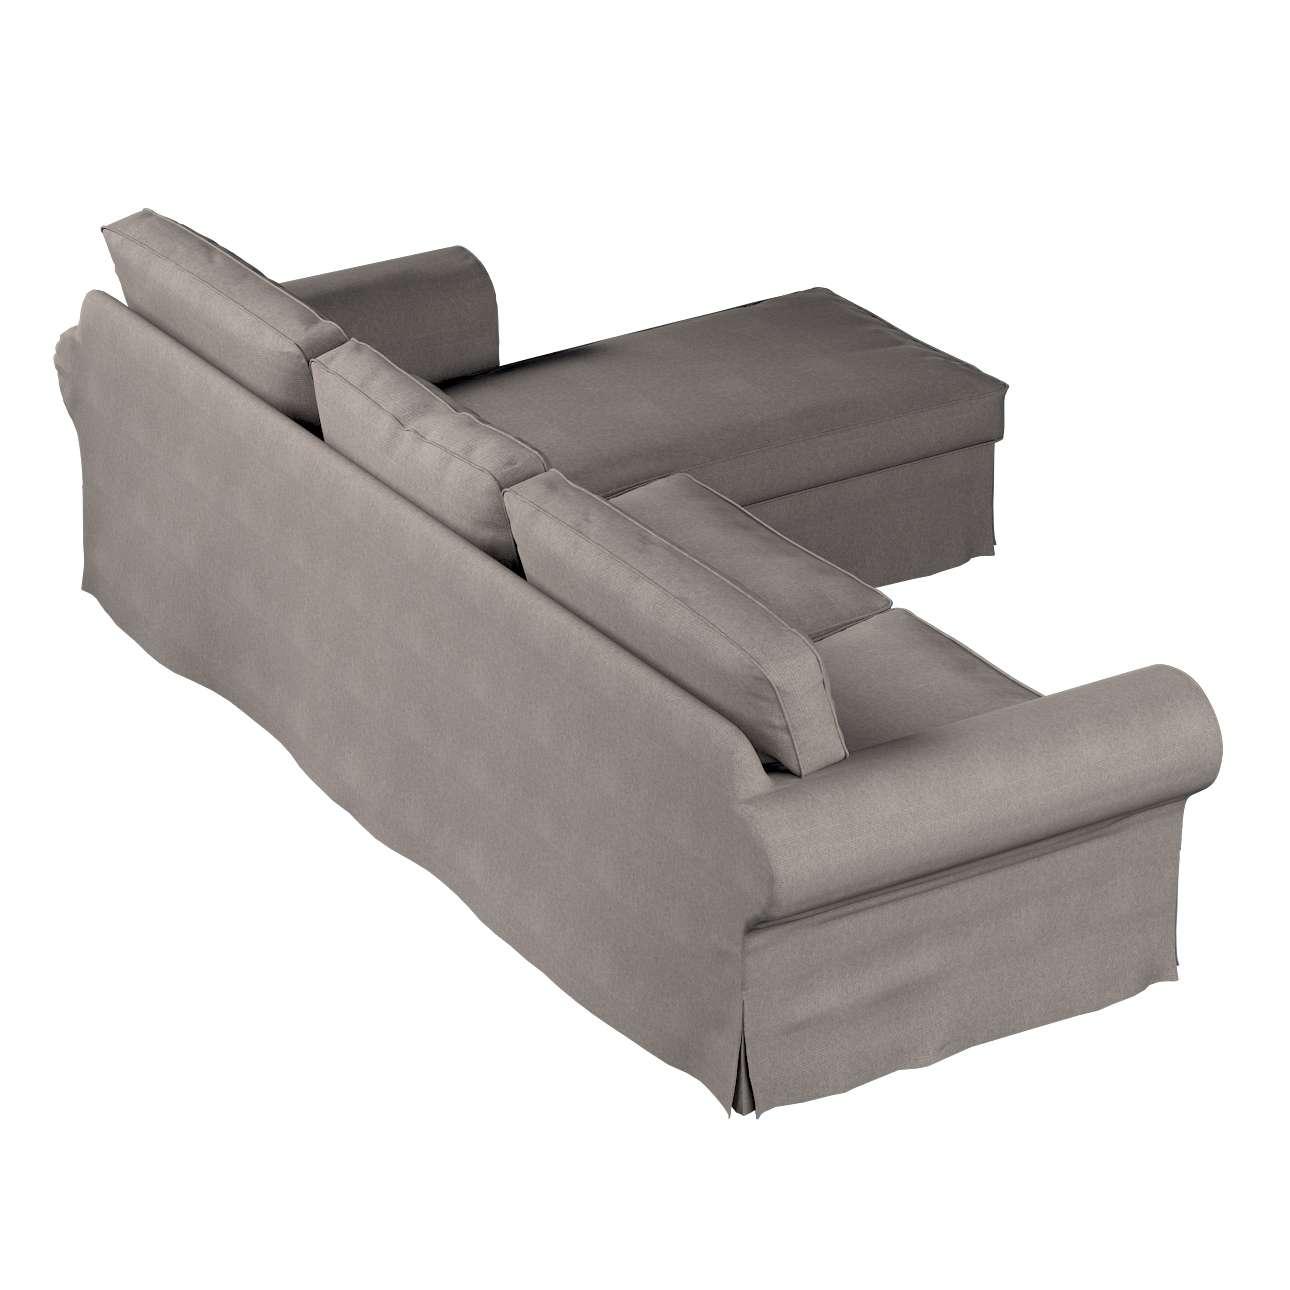 Pokrowiec na sofę Ektorp 2-osobową i leżankę w kolekcji Etna, tkanina: 705-09